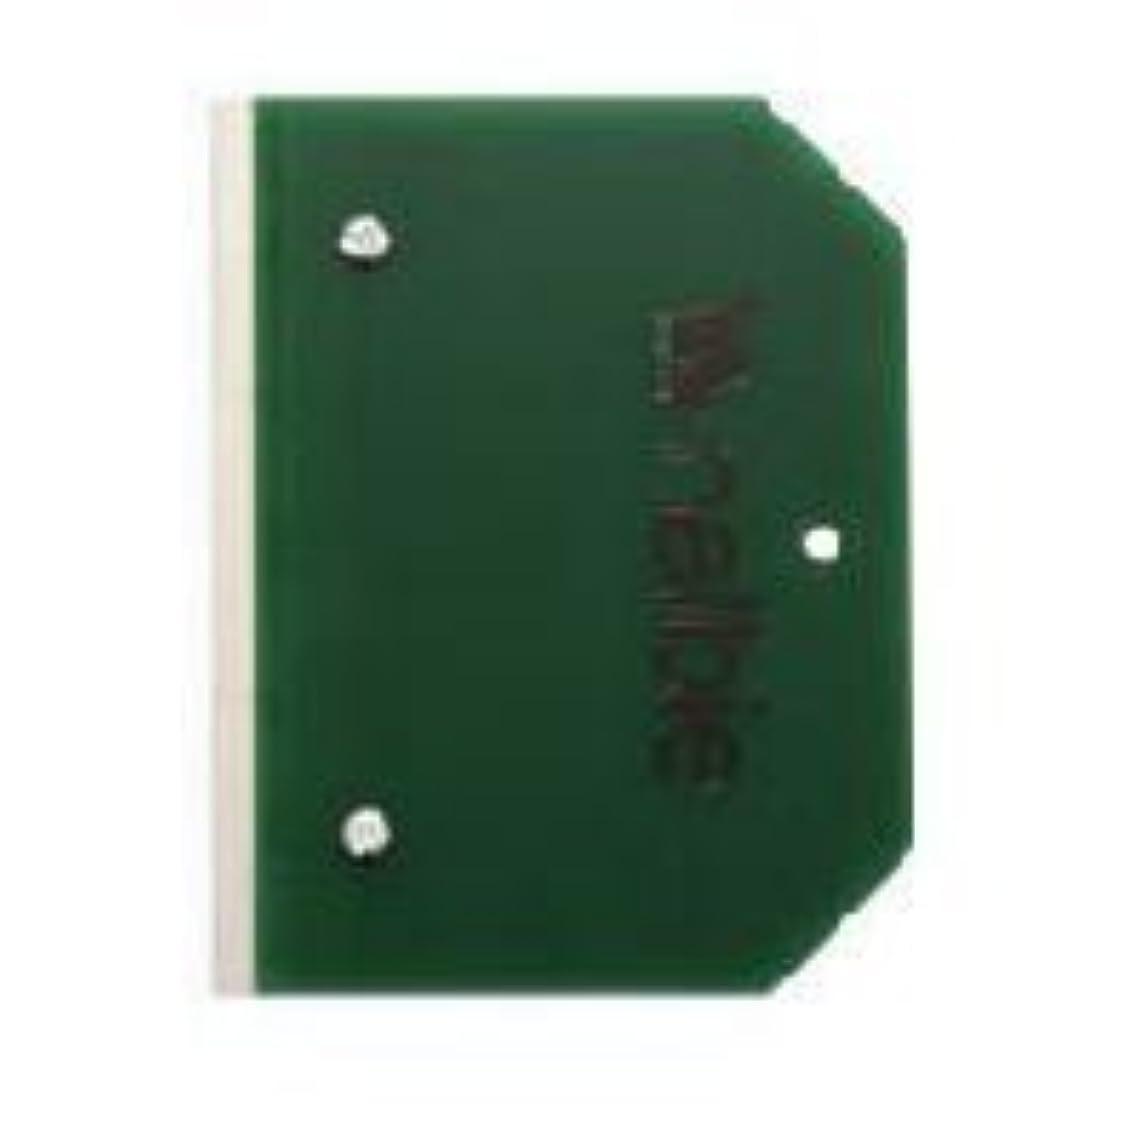 最初に企業手伝うnalbie[ナルビー] カミソリホルダー 3枚刃/セーフティキャップ付 NRB03SC